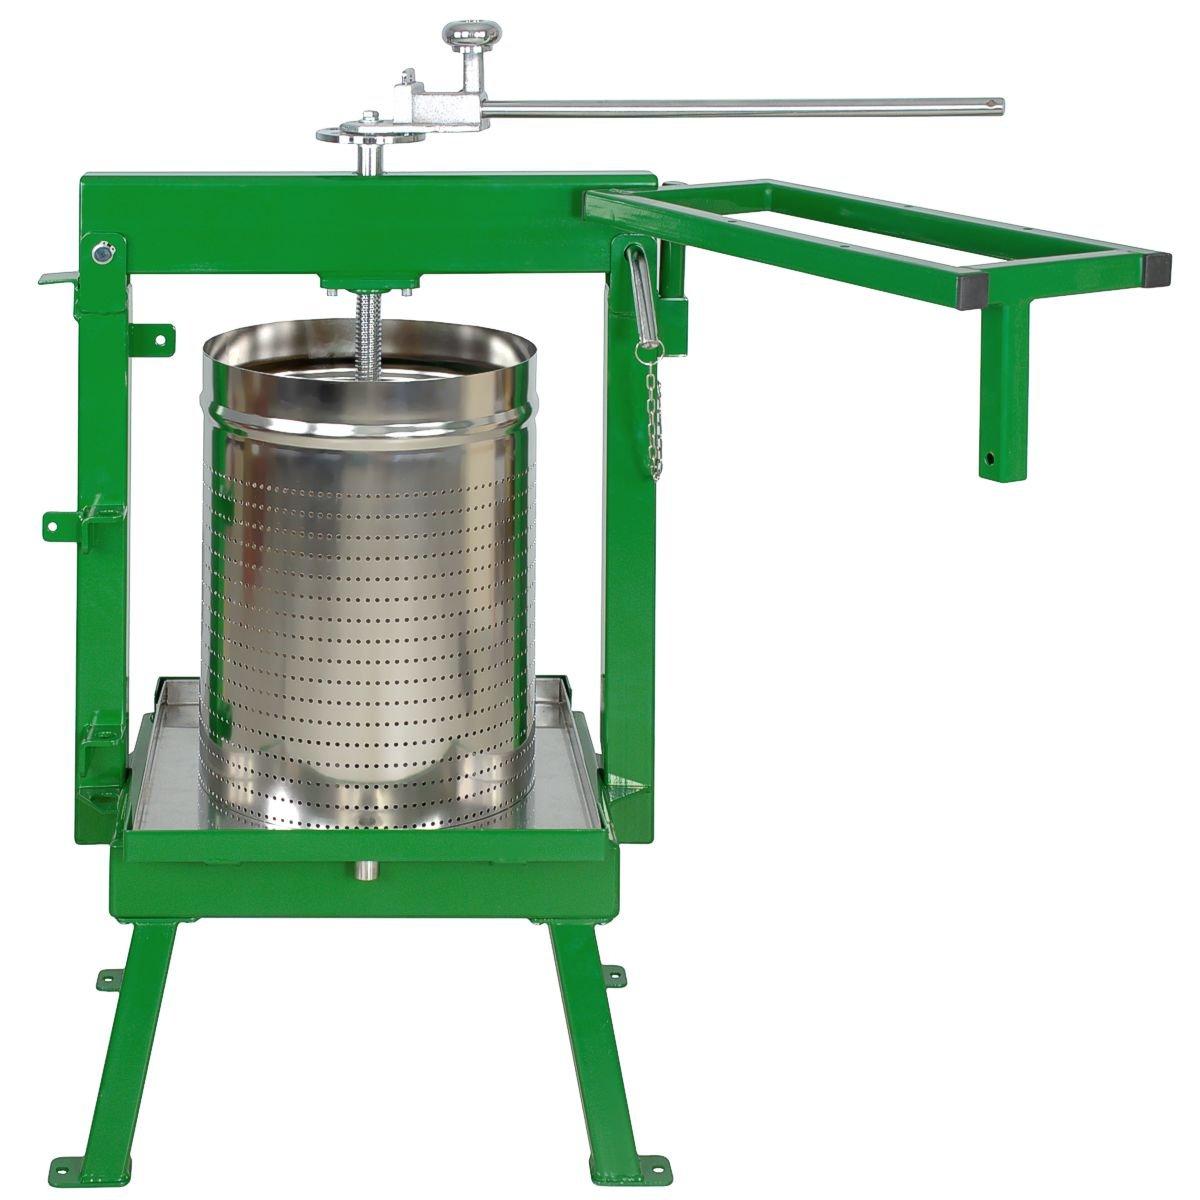 Glenwood Fruit Press 36 Liter-GSAM + Stainless Basket